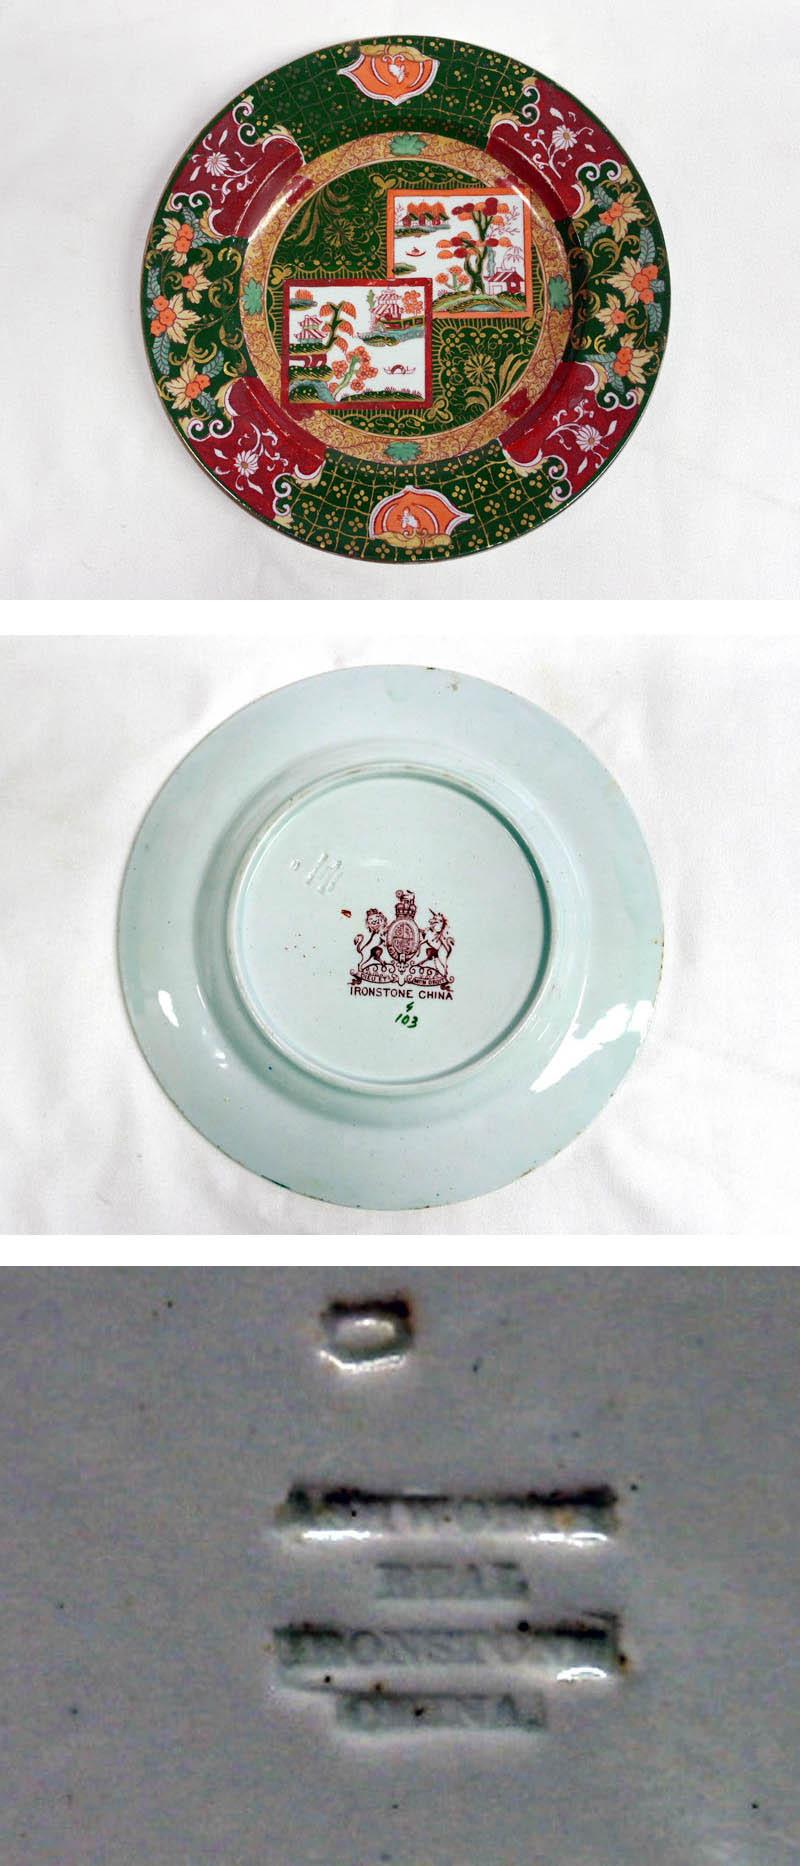 アンティーク 陶磁器 食器 カップ&ソーサー他 トリオ